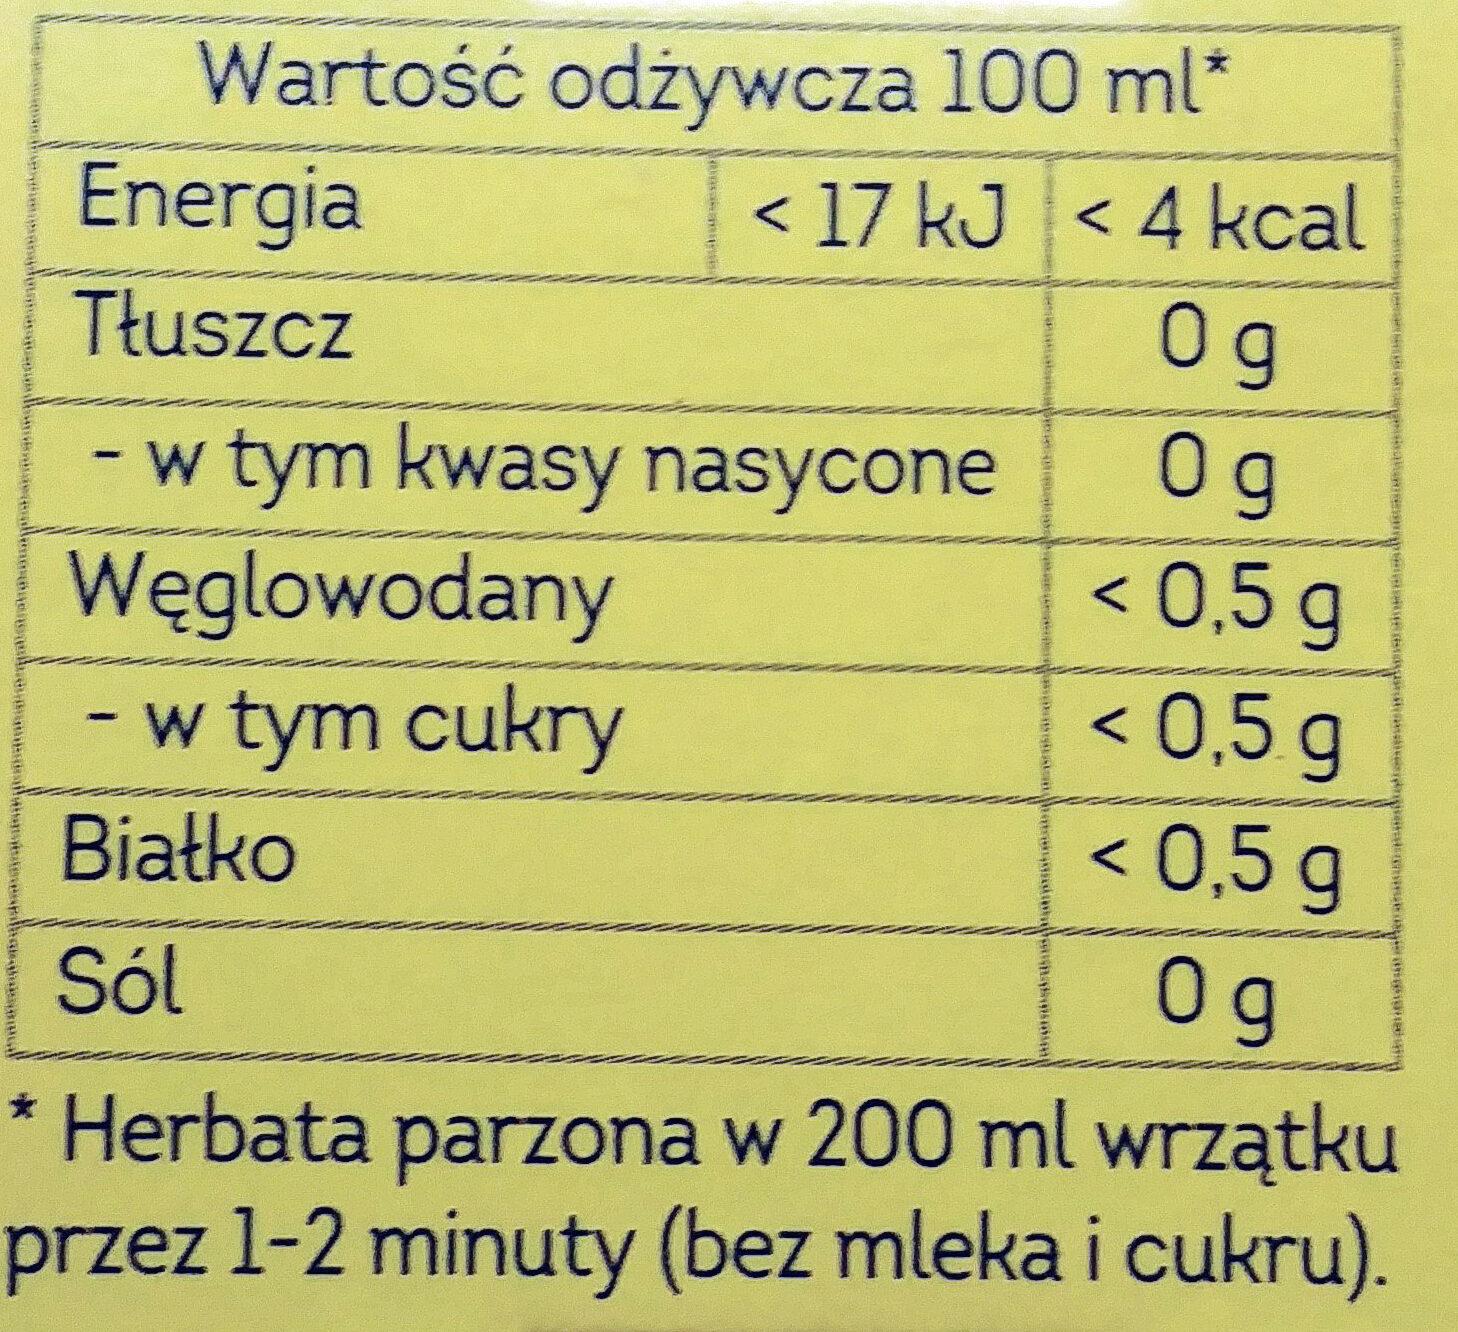 Herbata czarna z naturalnym aromatem - Wartości odżywcze